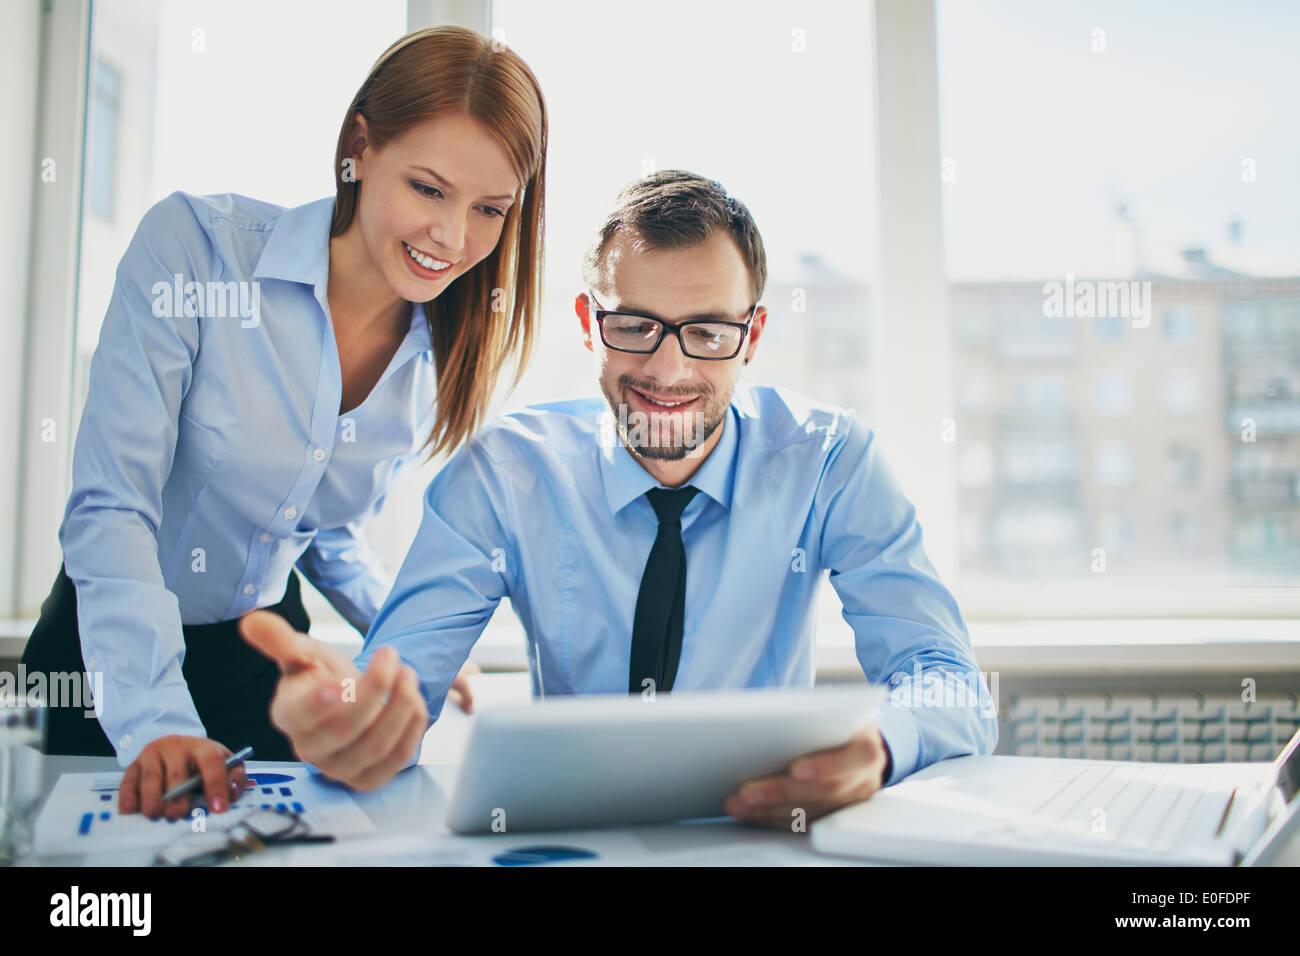 Imagen de dos socios de negocios exitosos en la reunión de trabajo en la oficina Imagen De Stock